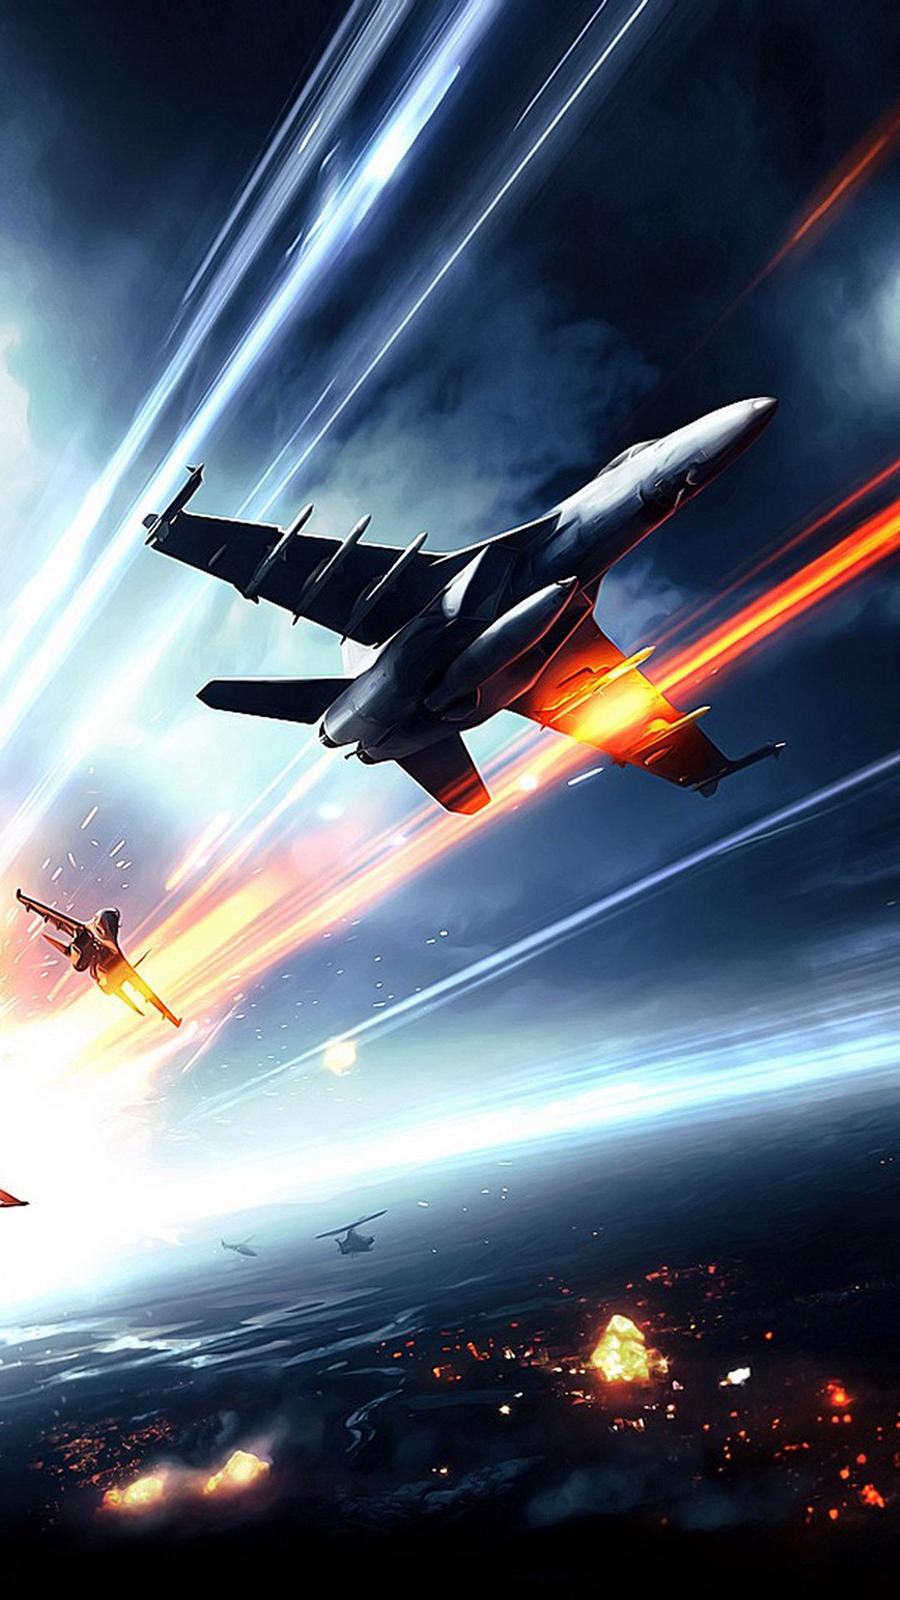 Battlefield 3 Full HD Wallpapers Download